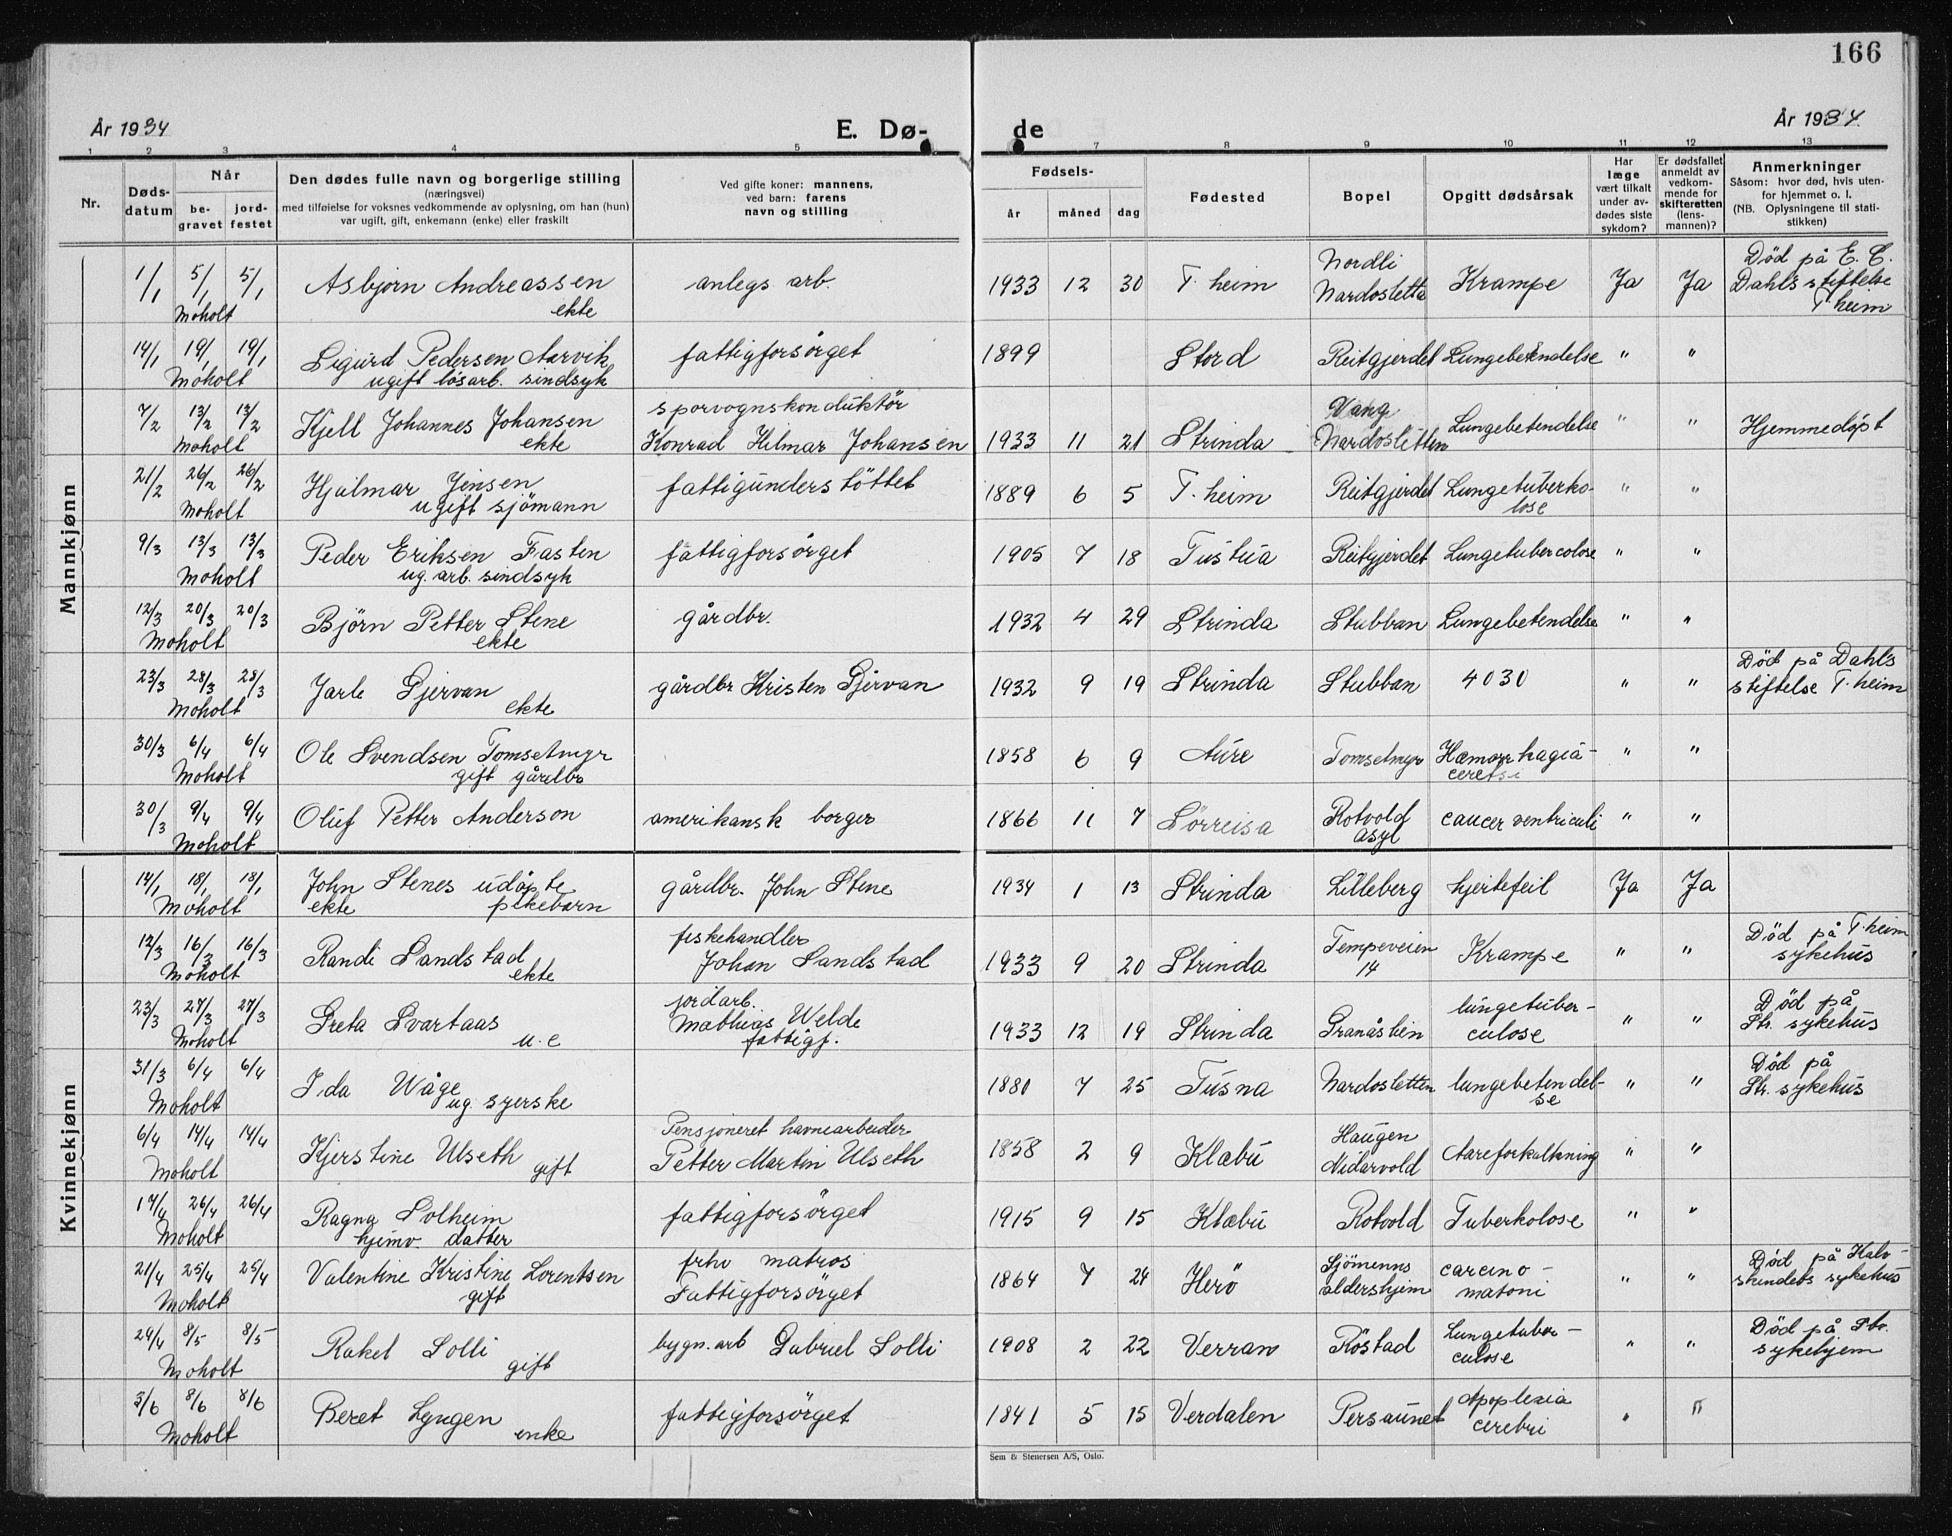 SAT, Ministerialprotokoller, klokkerbøker og fødselsregistre - Sør-Trøndelag, 607/L0327: Klokkerbok nr. 607C01, 1930-1939, s. 166